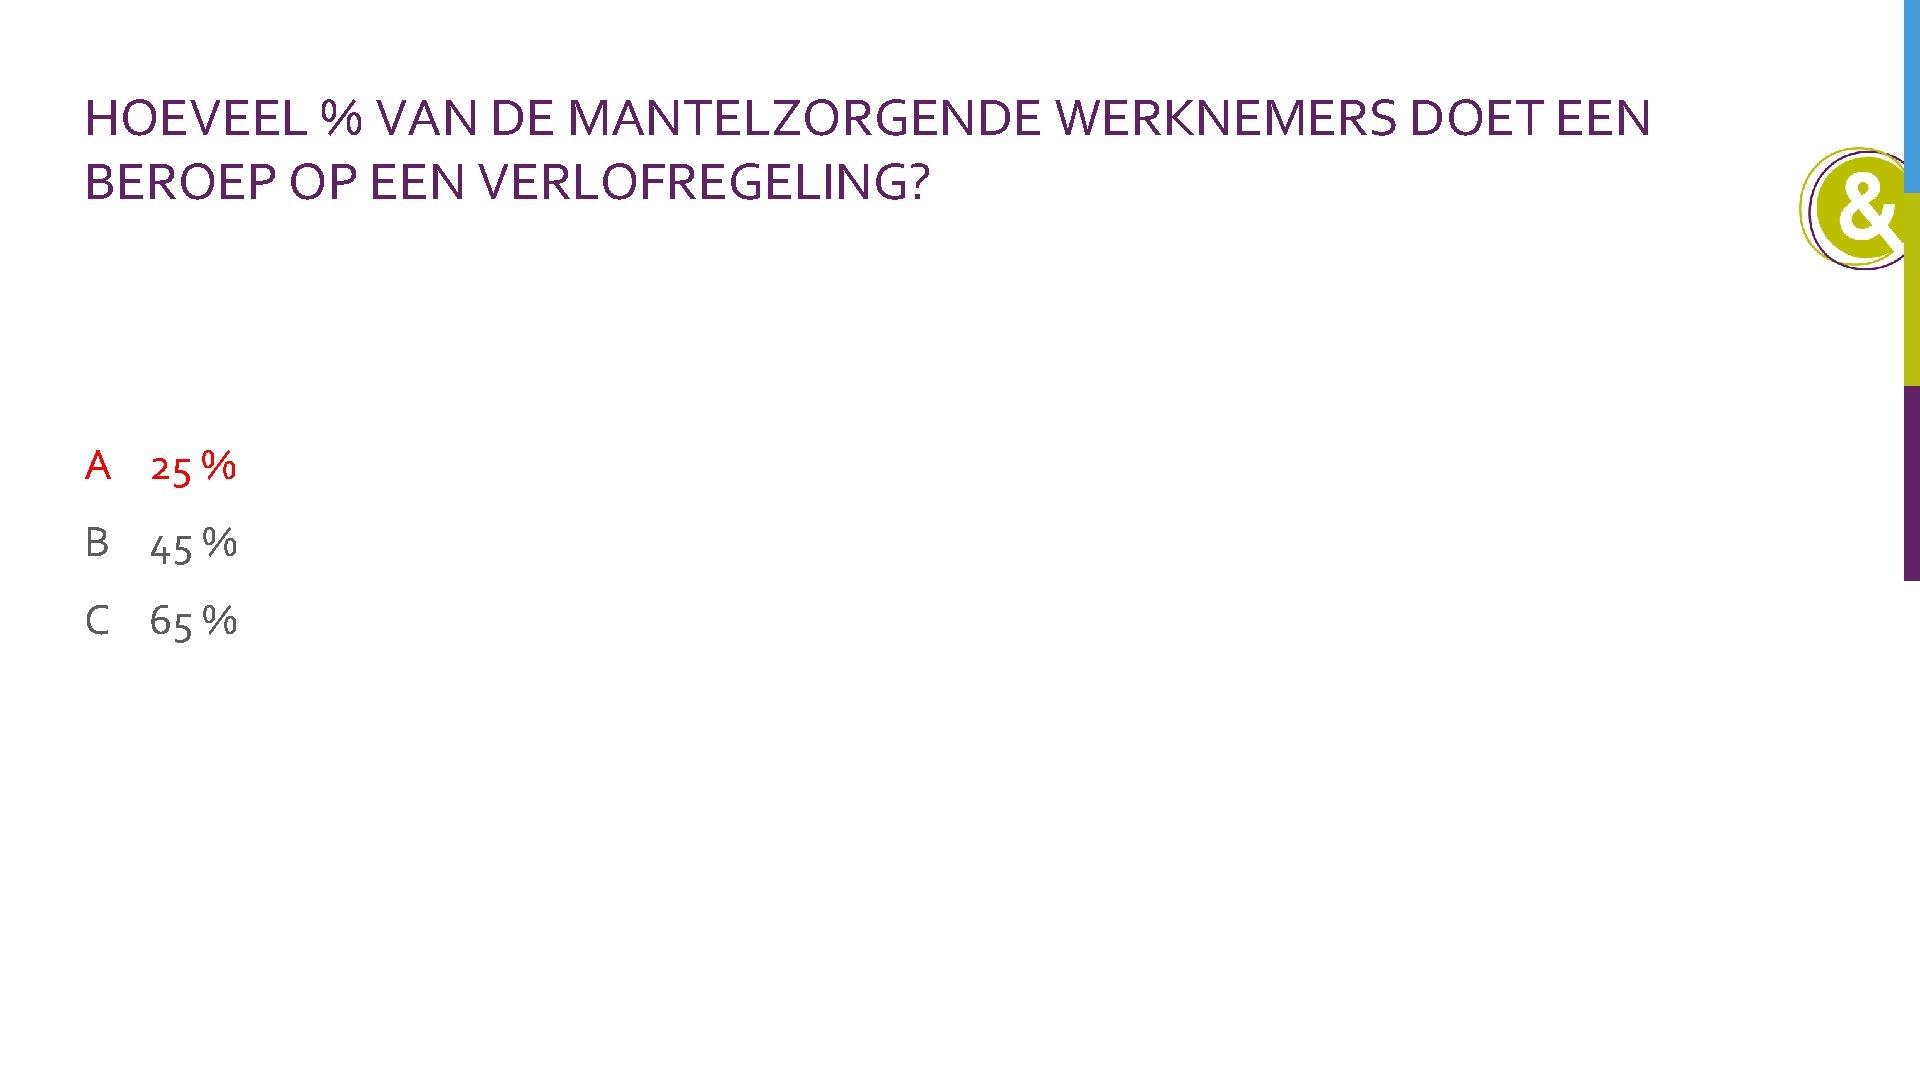 HOEVEEL % VAN DE MANTELZORGENDE WERKNEMERS DOET EEN BEROEP OP EEN VERLOFREGELING? A 25